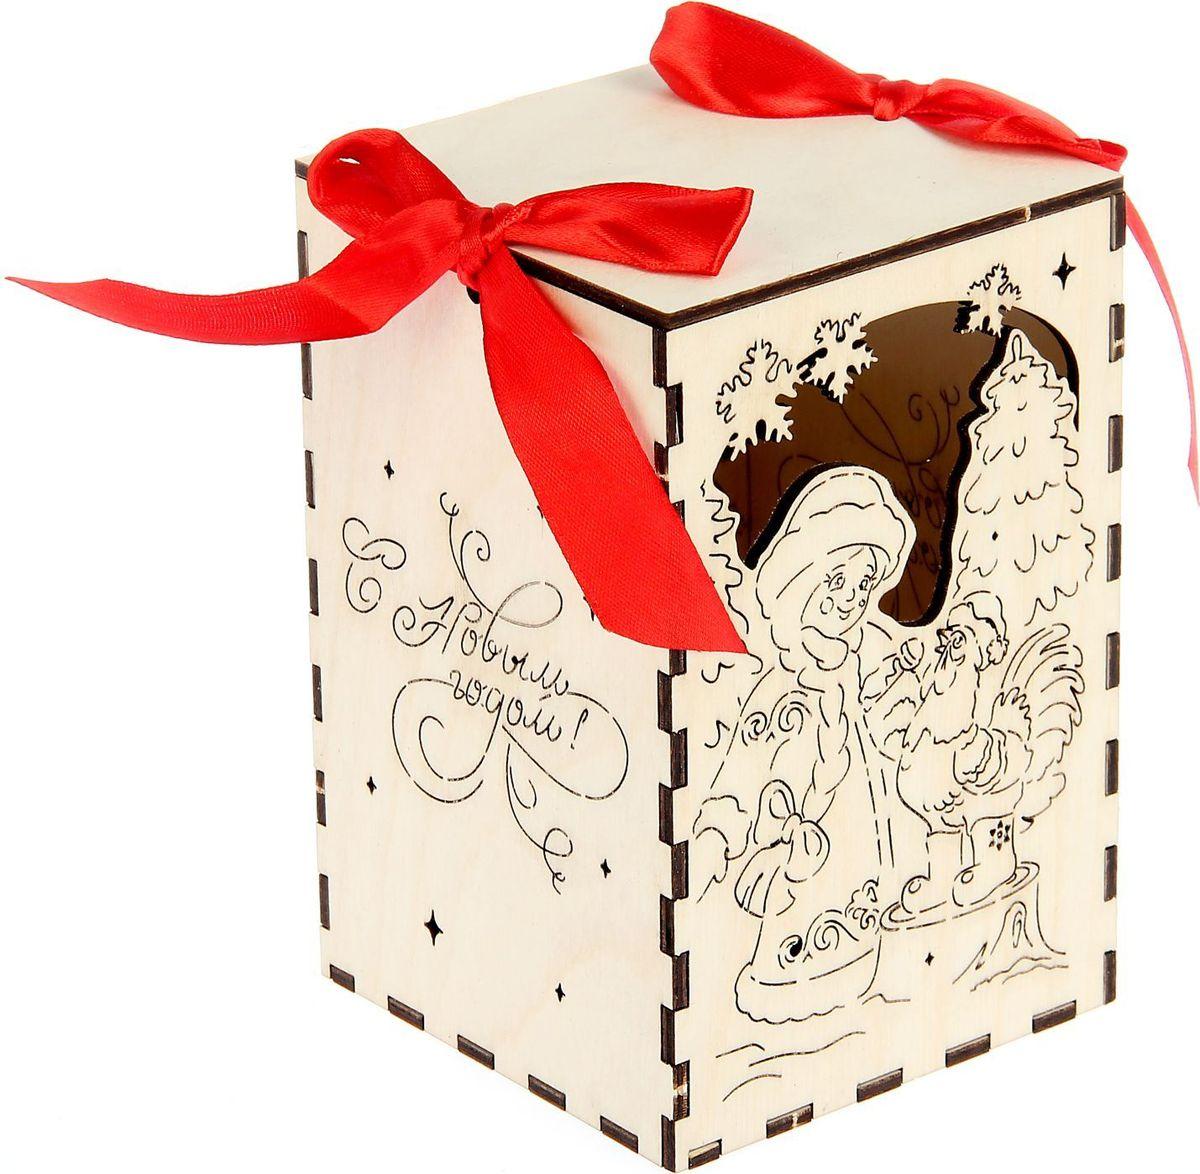 Шкатулка Sima-land С Новым годом!, цвет: белый, 10 см х 10 см х 15 см1530102Шкатулка — это небольшой сувенир, а также оригинальная упаковка подарка. Она дополнит интерьер спальни, гостиной или прихожей. Изделие предназначено для хранения украшений: колец, браслетов, часов, цепочек, колье, сережек и прочих предметов.